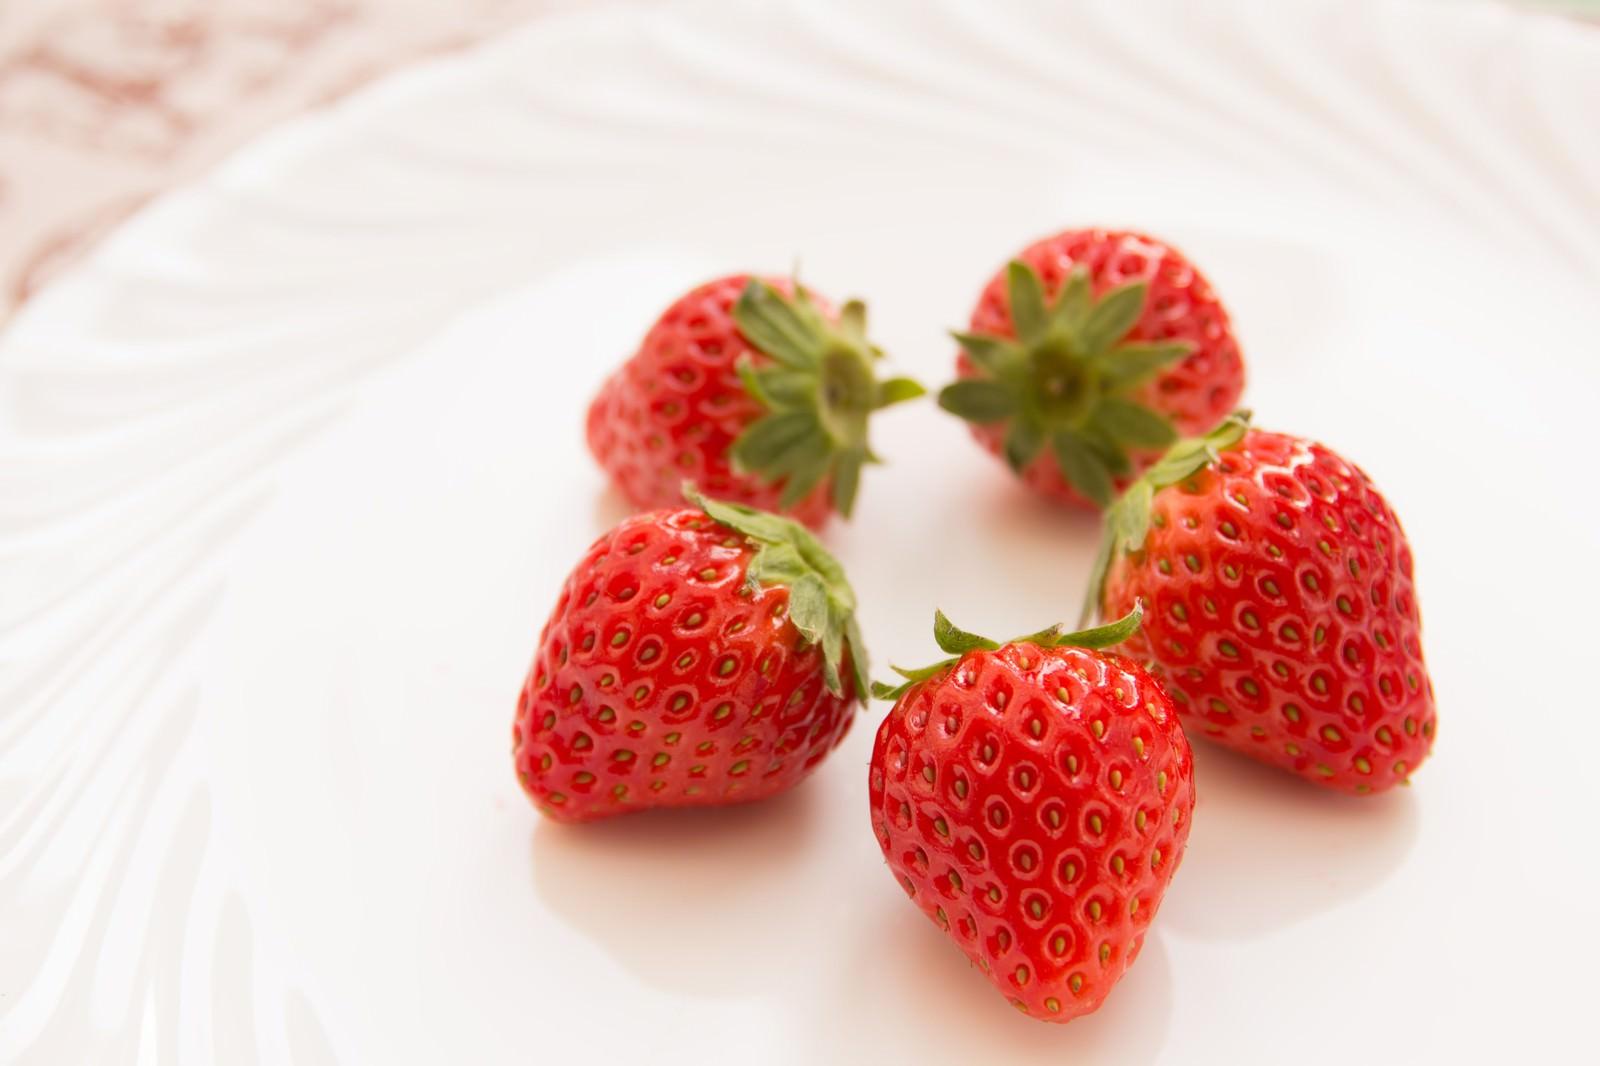 「お皿に盛られた苺」